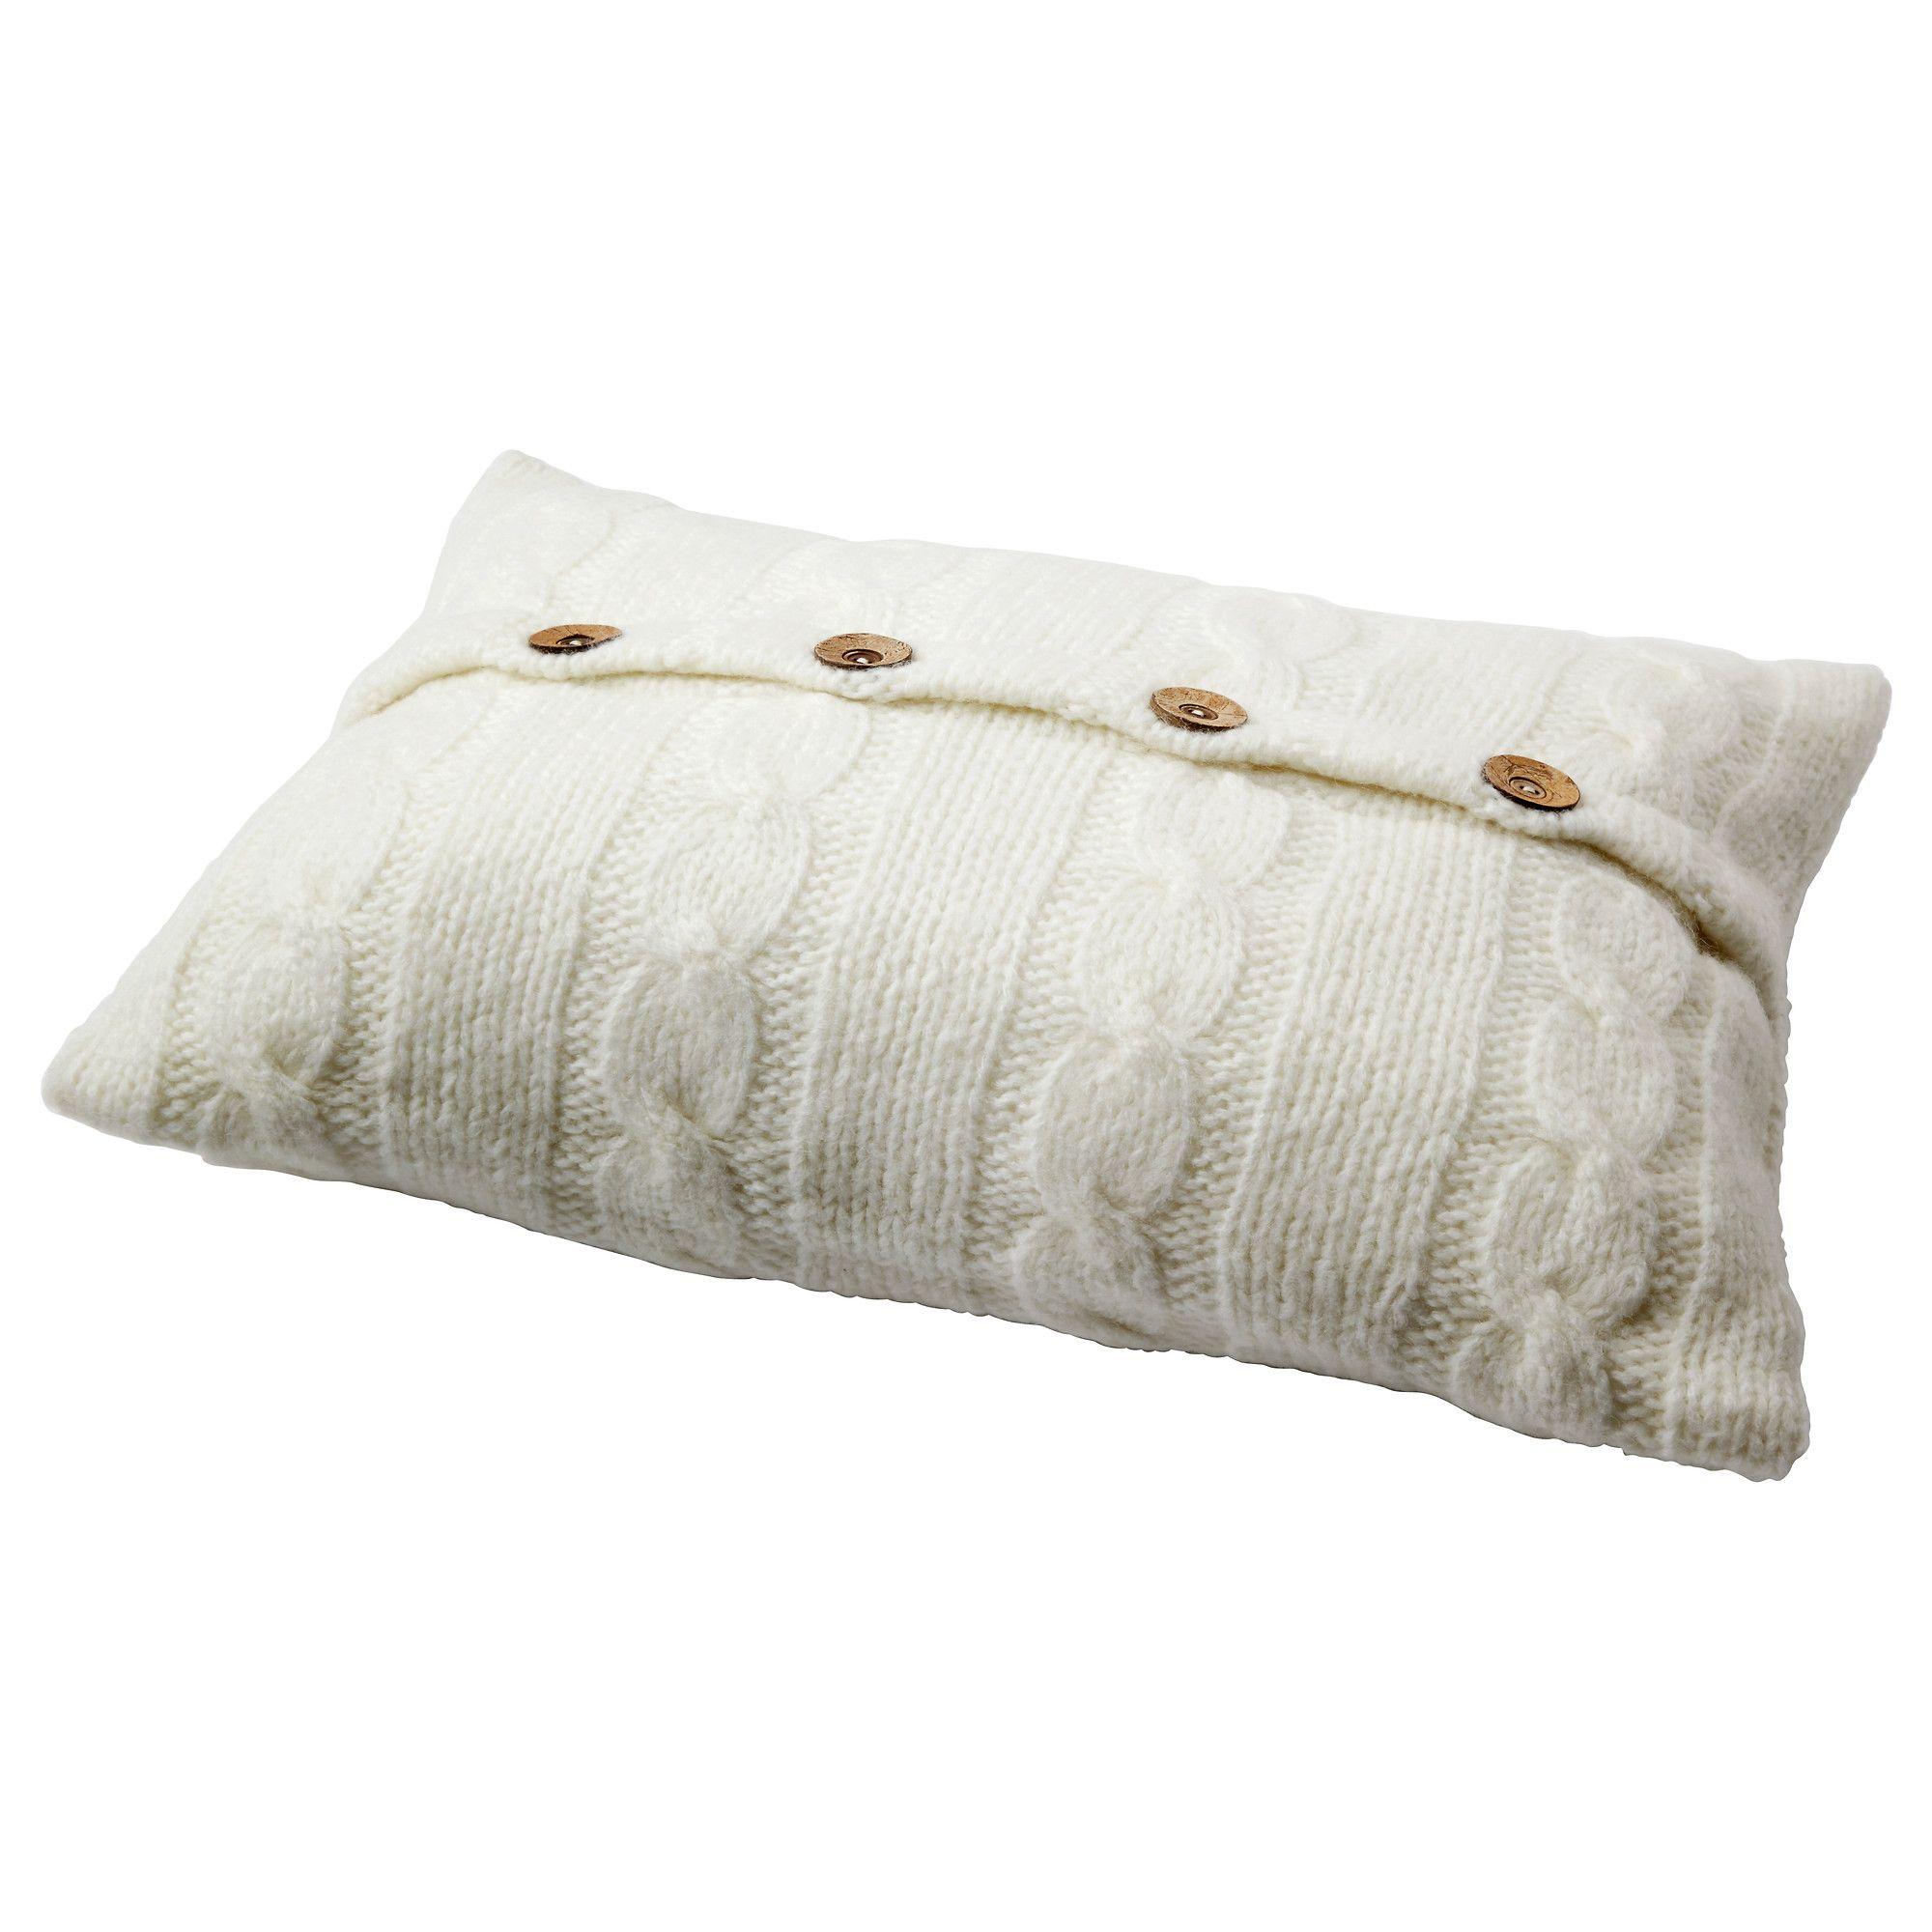 Cuscino Alla Francese Ikea mobili e accessori per l'arredamento della casa | cojines